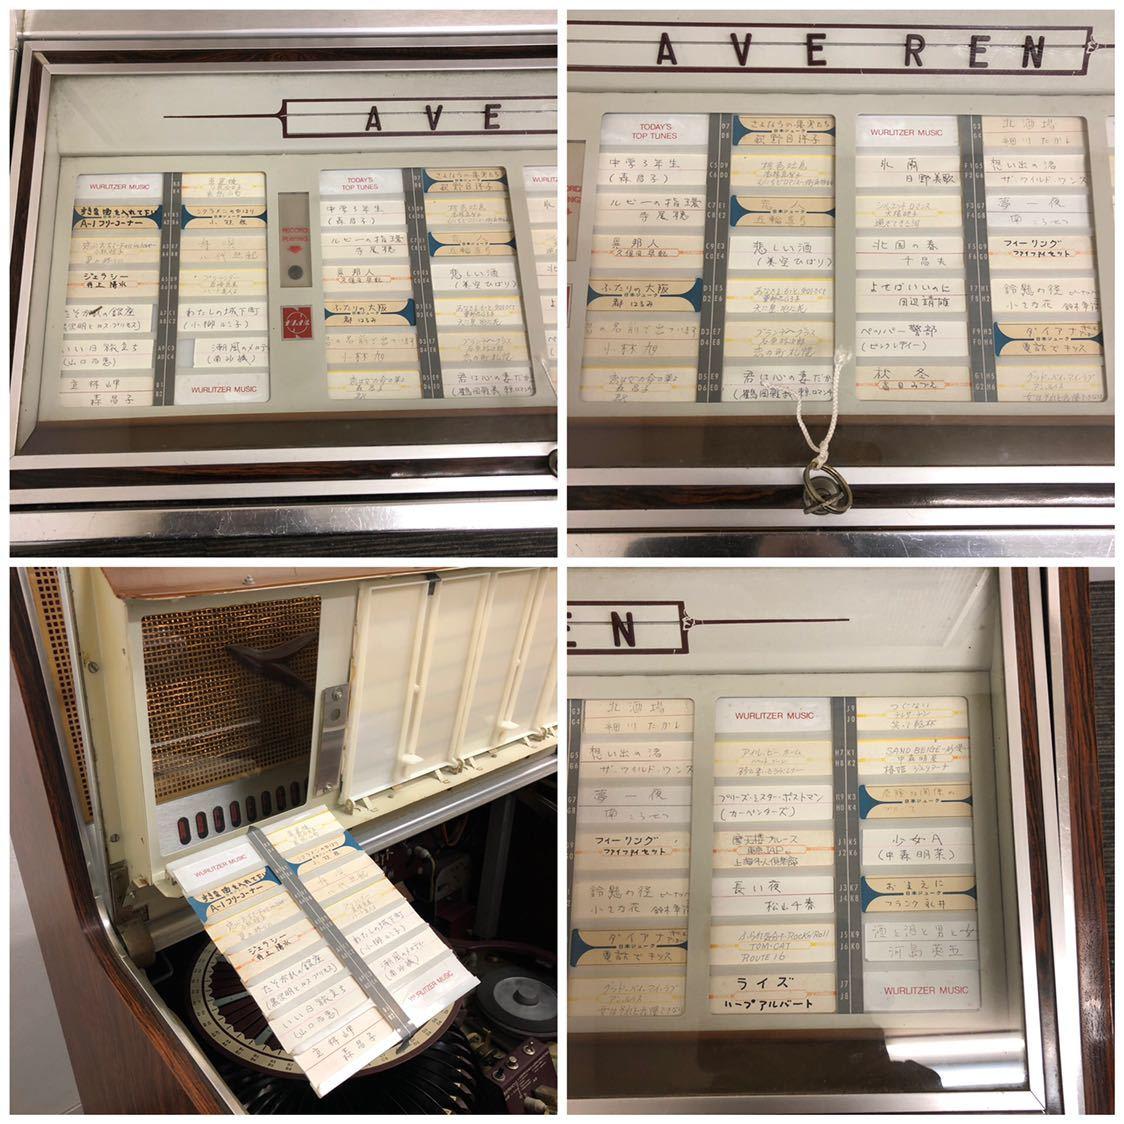 動作品 ◆ 松下電器 WURLITZER ジュークボックス リリック ◆ レコード仕様 レトロ ビンテージ 格安売り切りスタート_画像4